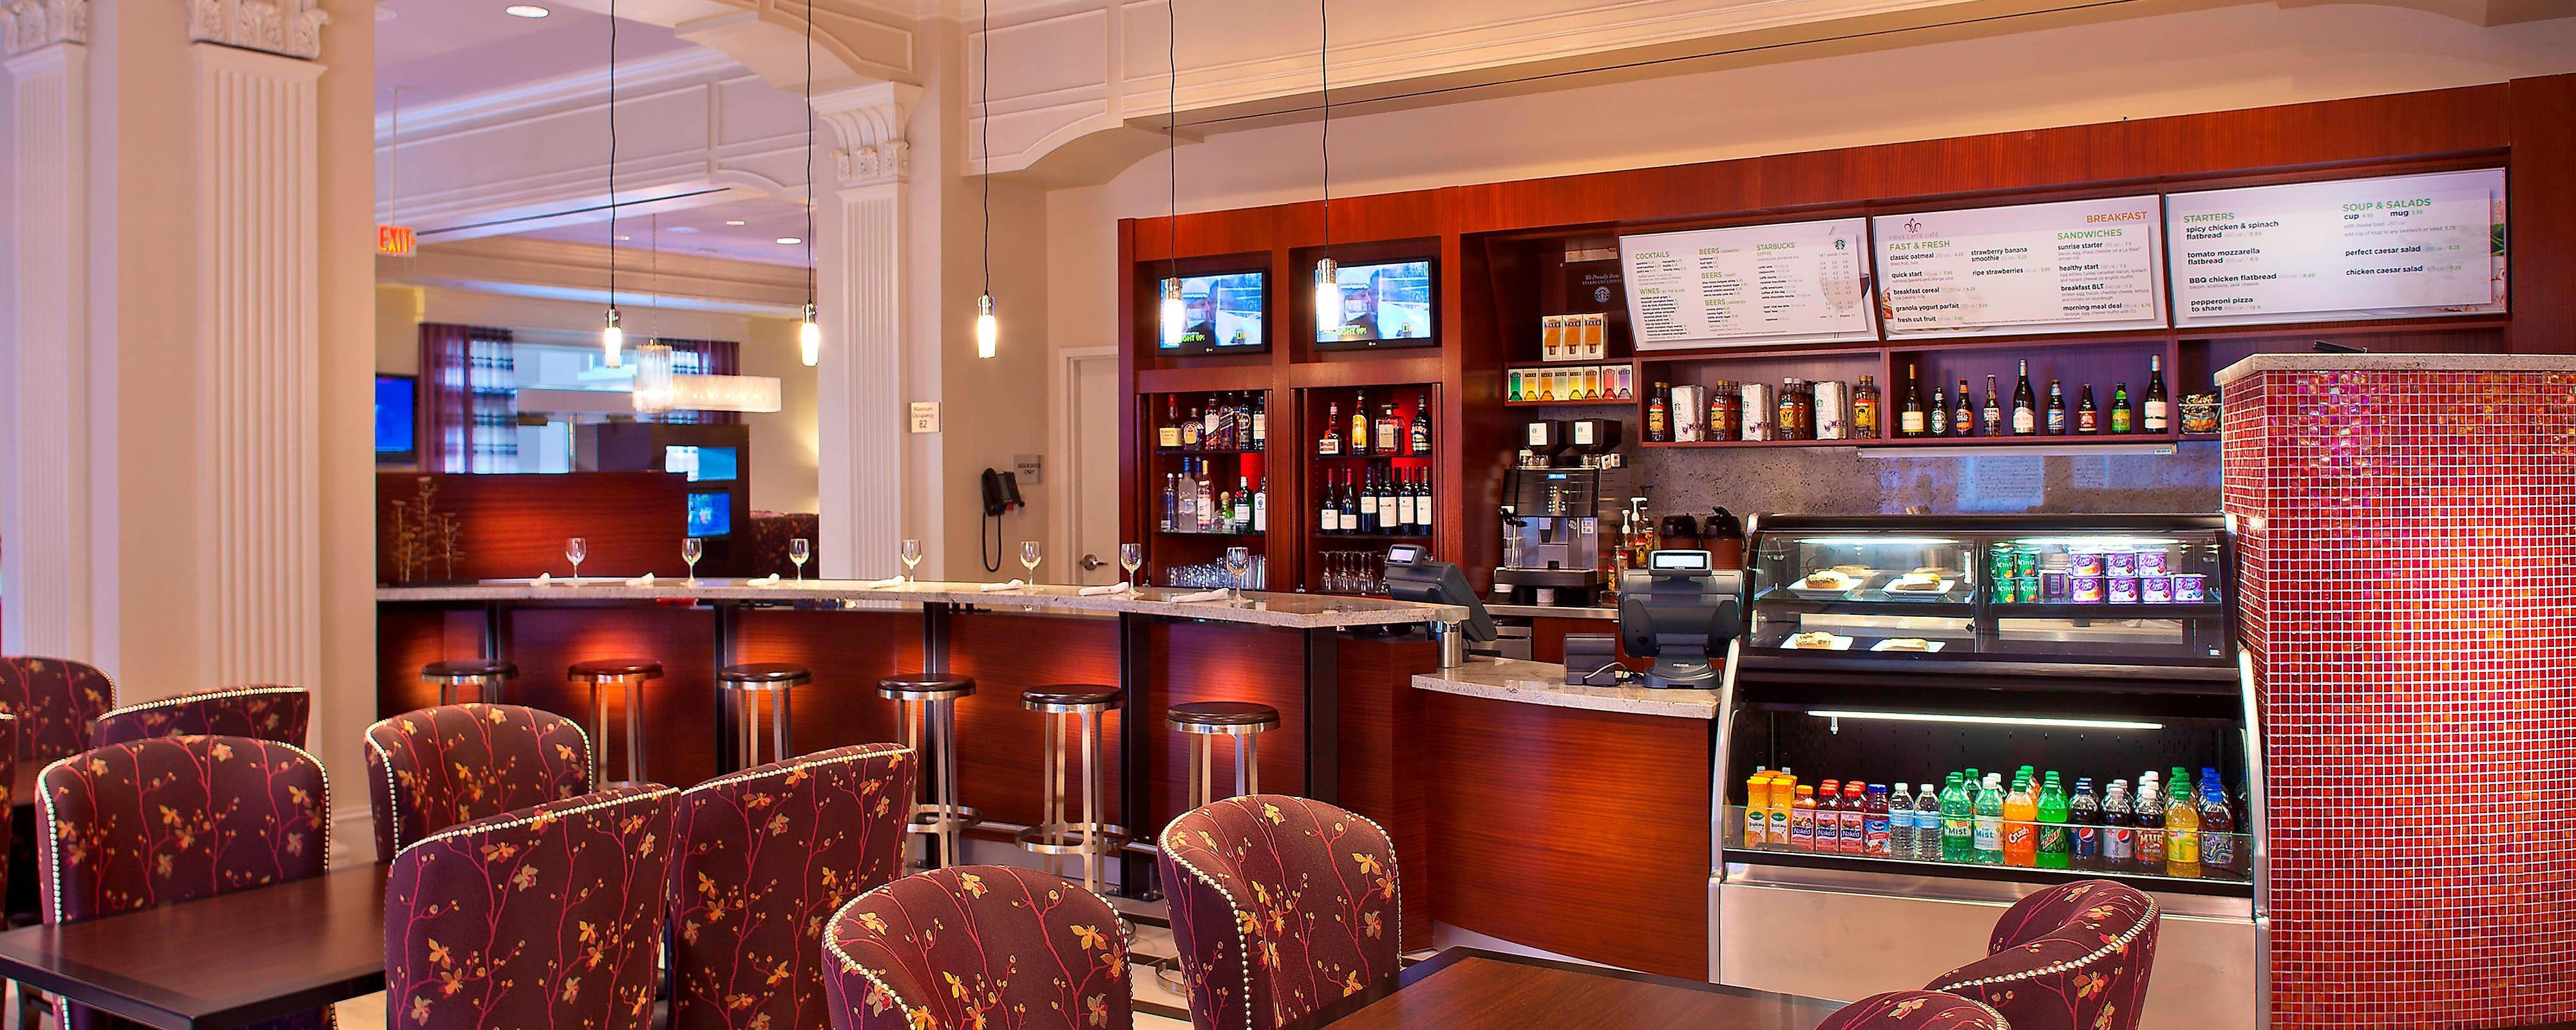 Vieux Carre Café